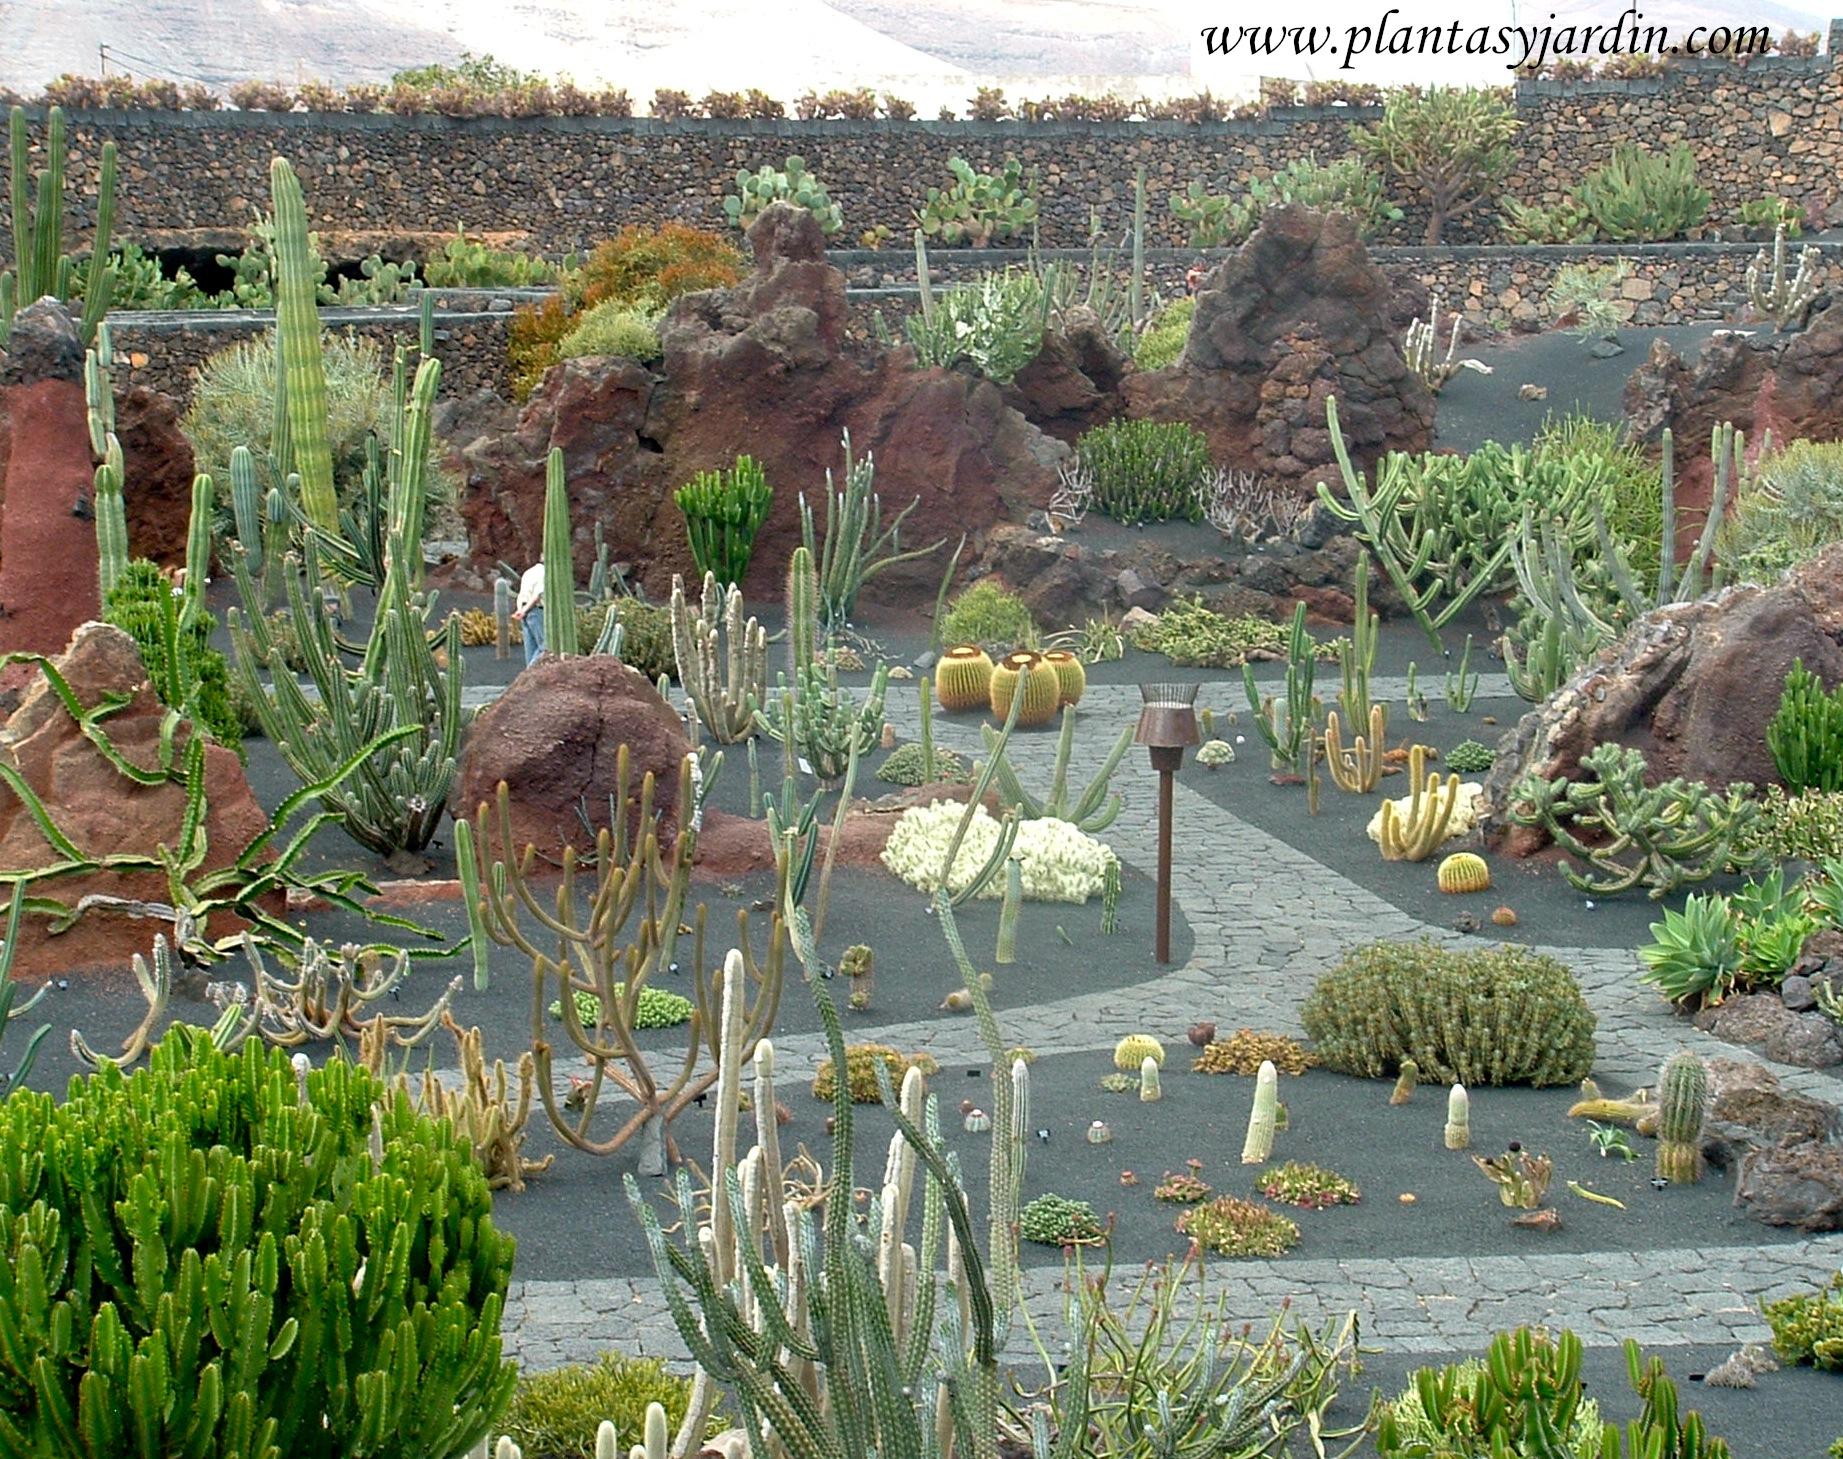 Colecci n de cactus diversas formas en el jard n de for Jardines con cactus